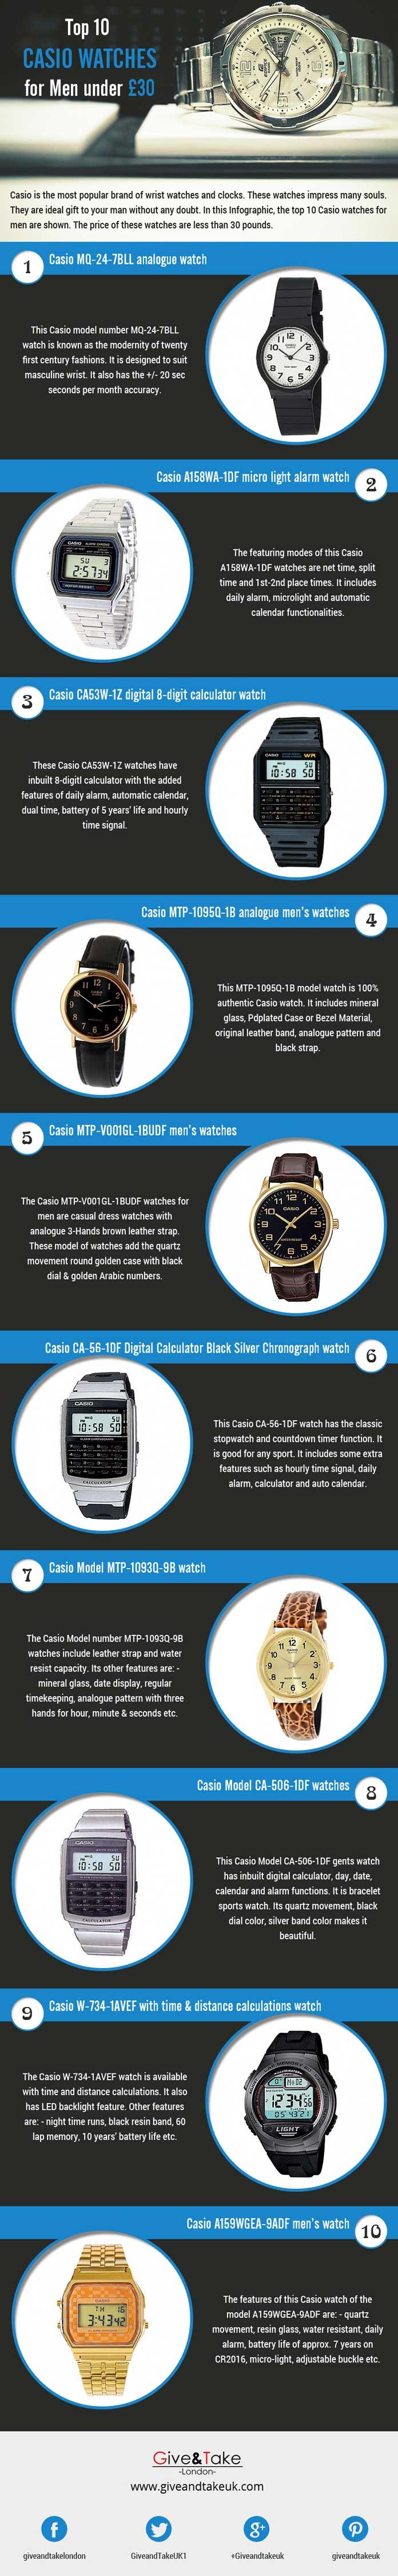 Top-10-Casio-Watches-for-Men-under-30